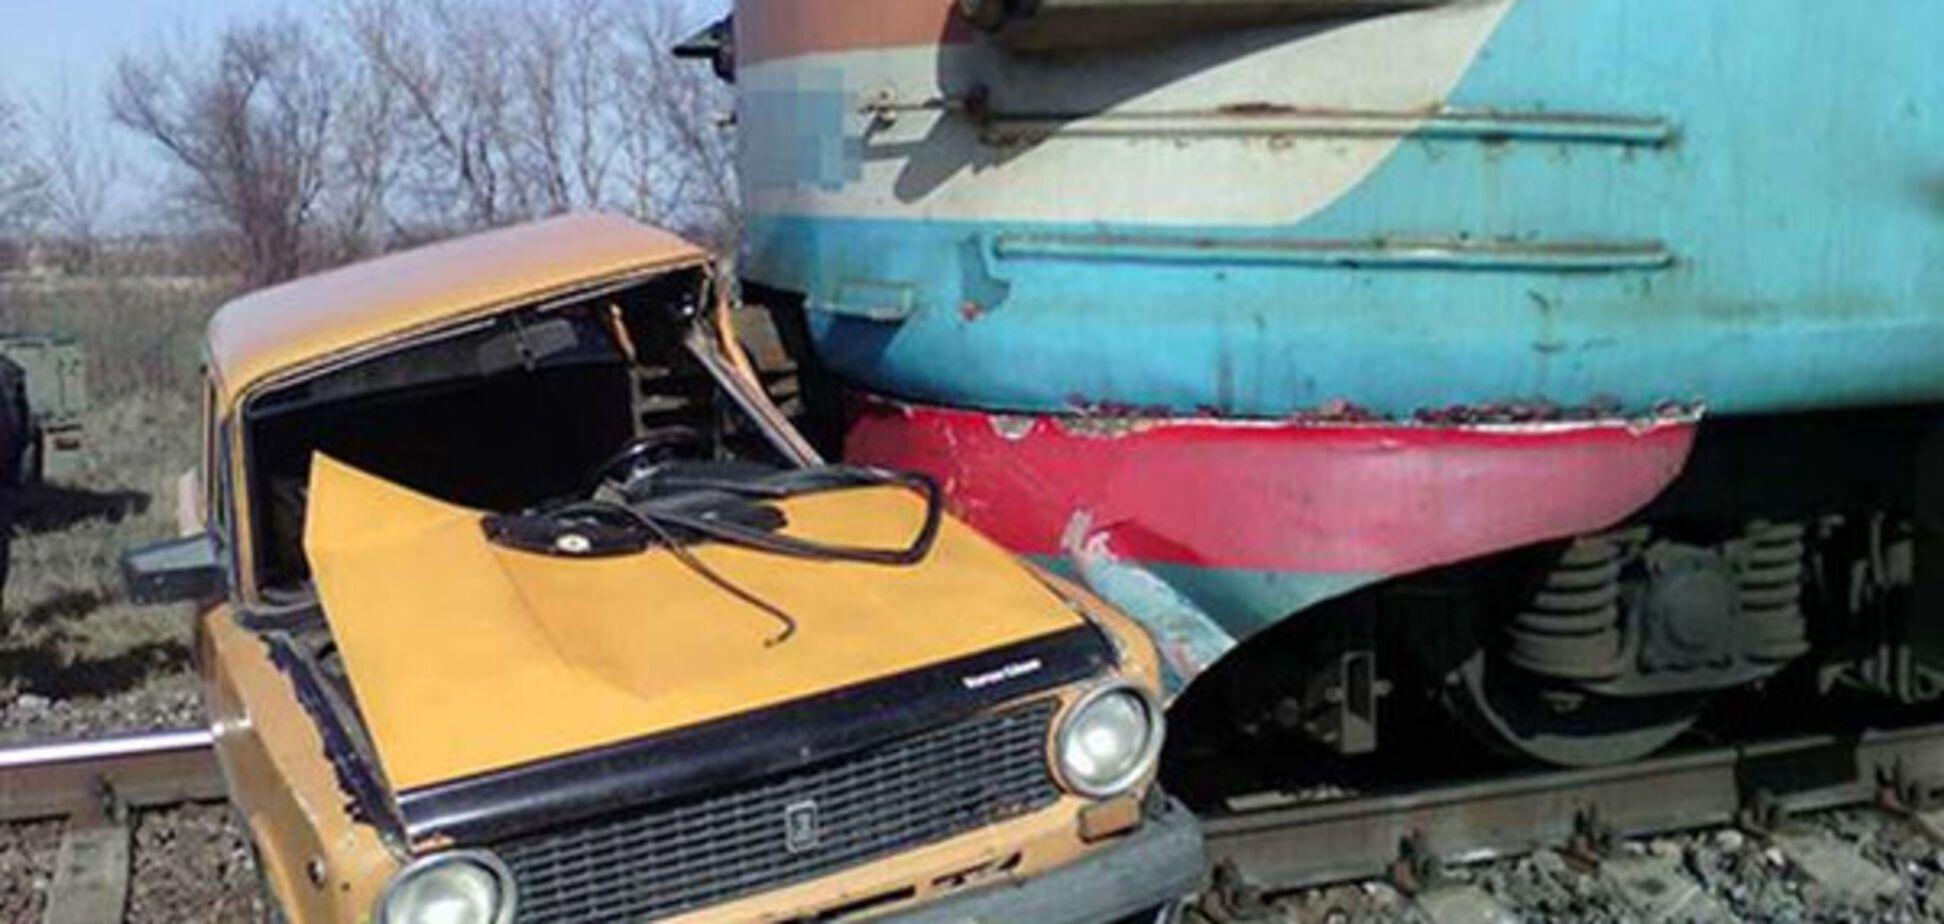 Под Запорожьем произошла трагедия: поезд сбил автомобиль (ФОТО)